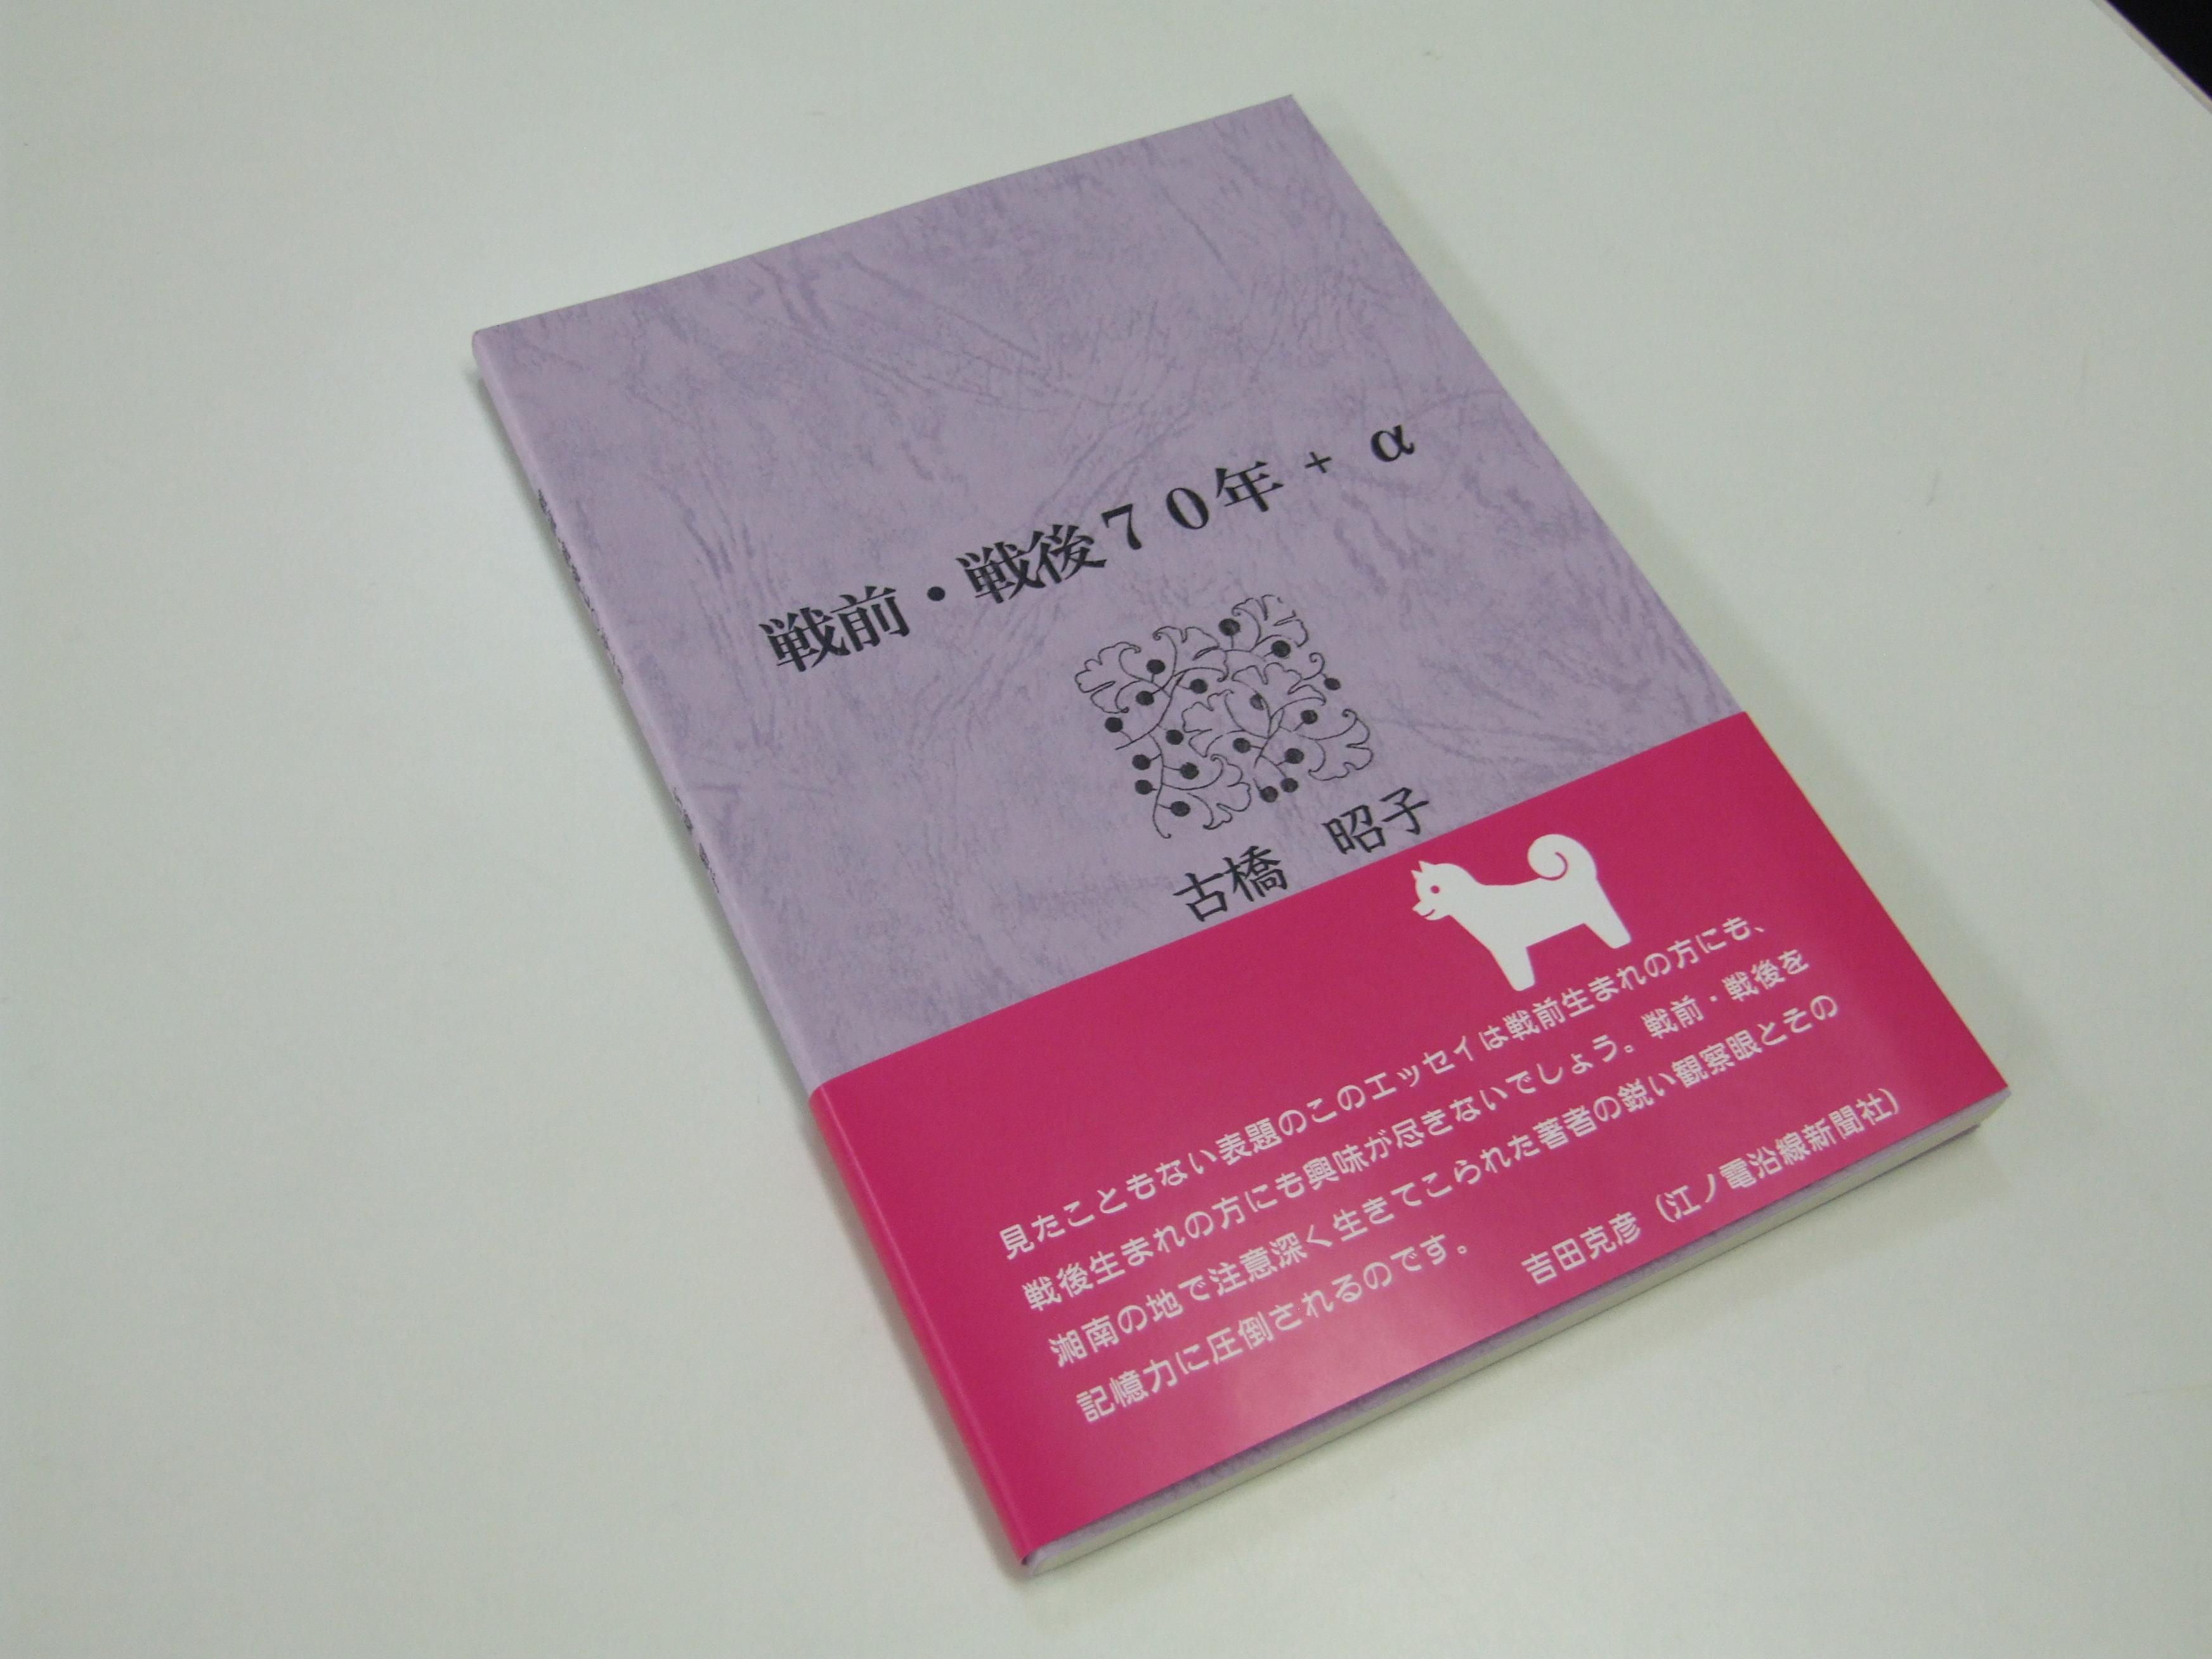 江ノ電沿線新聞社様が実際にイシダ印刷で印刷・製本した画像